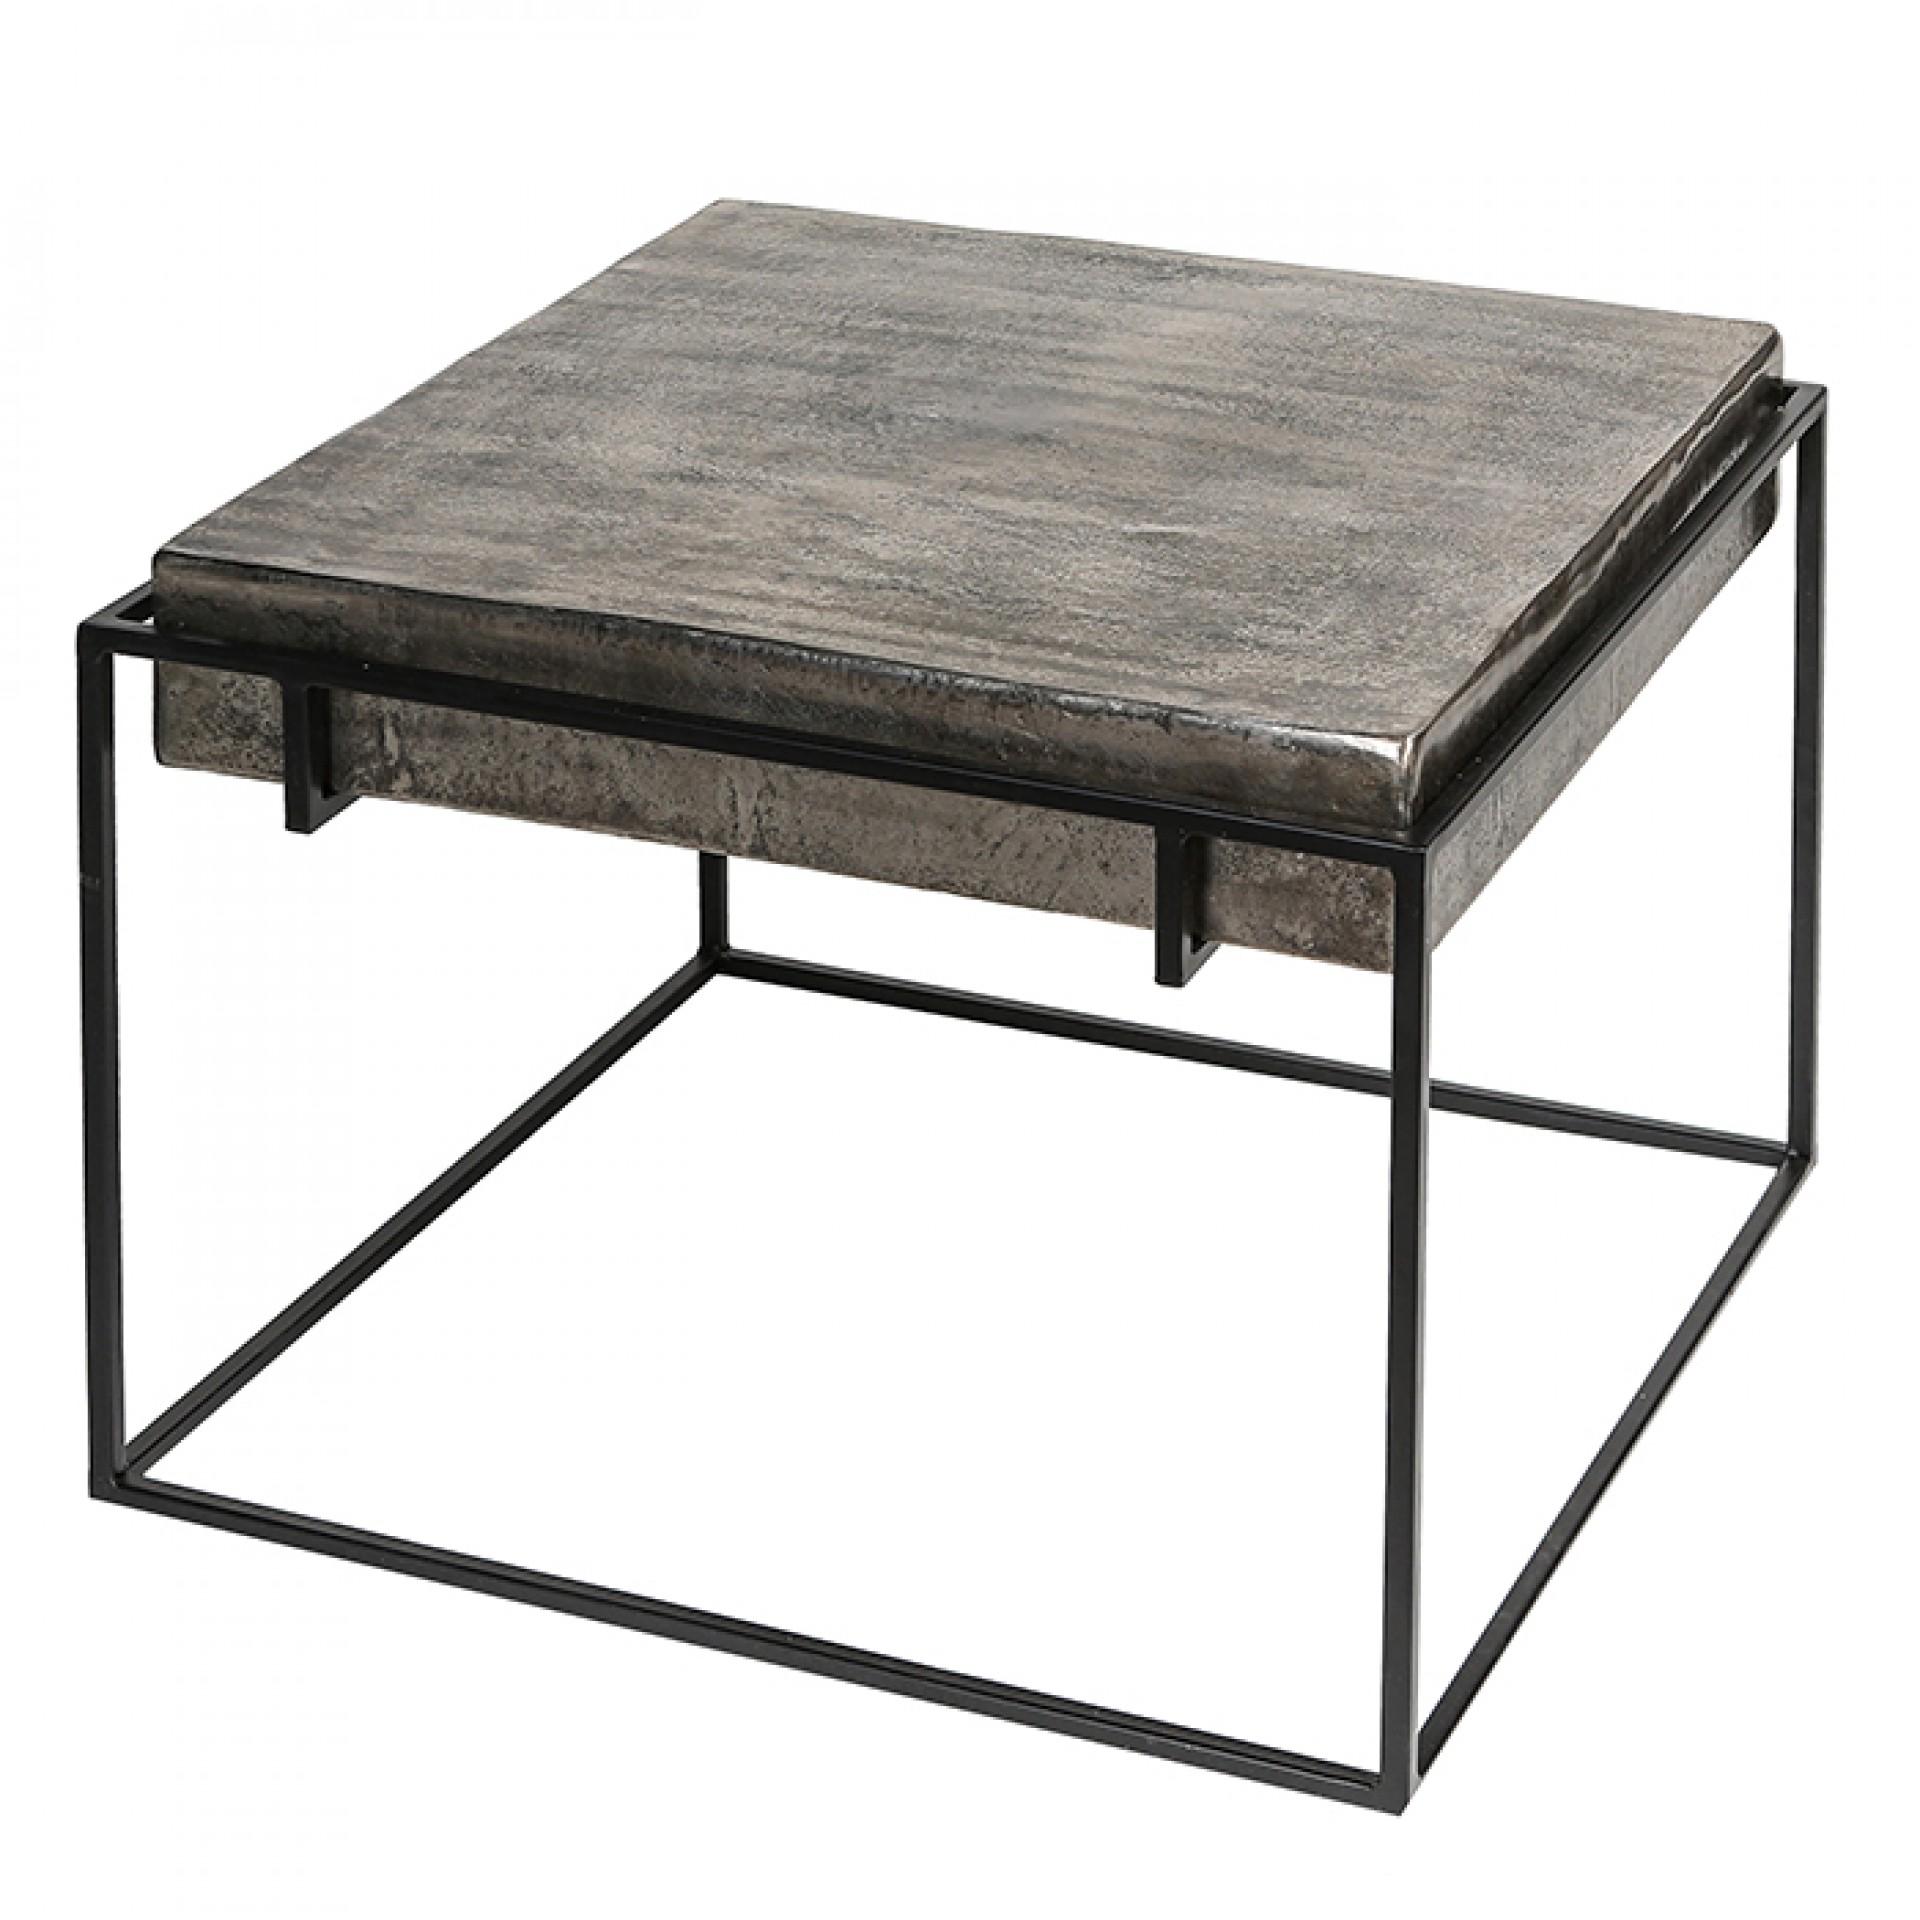 Hliníkový konferenční stolek Millenium, 62 cm